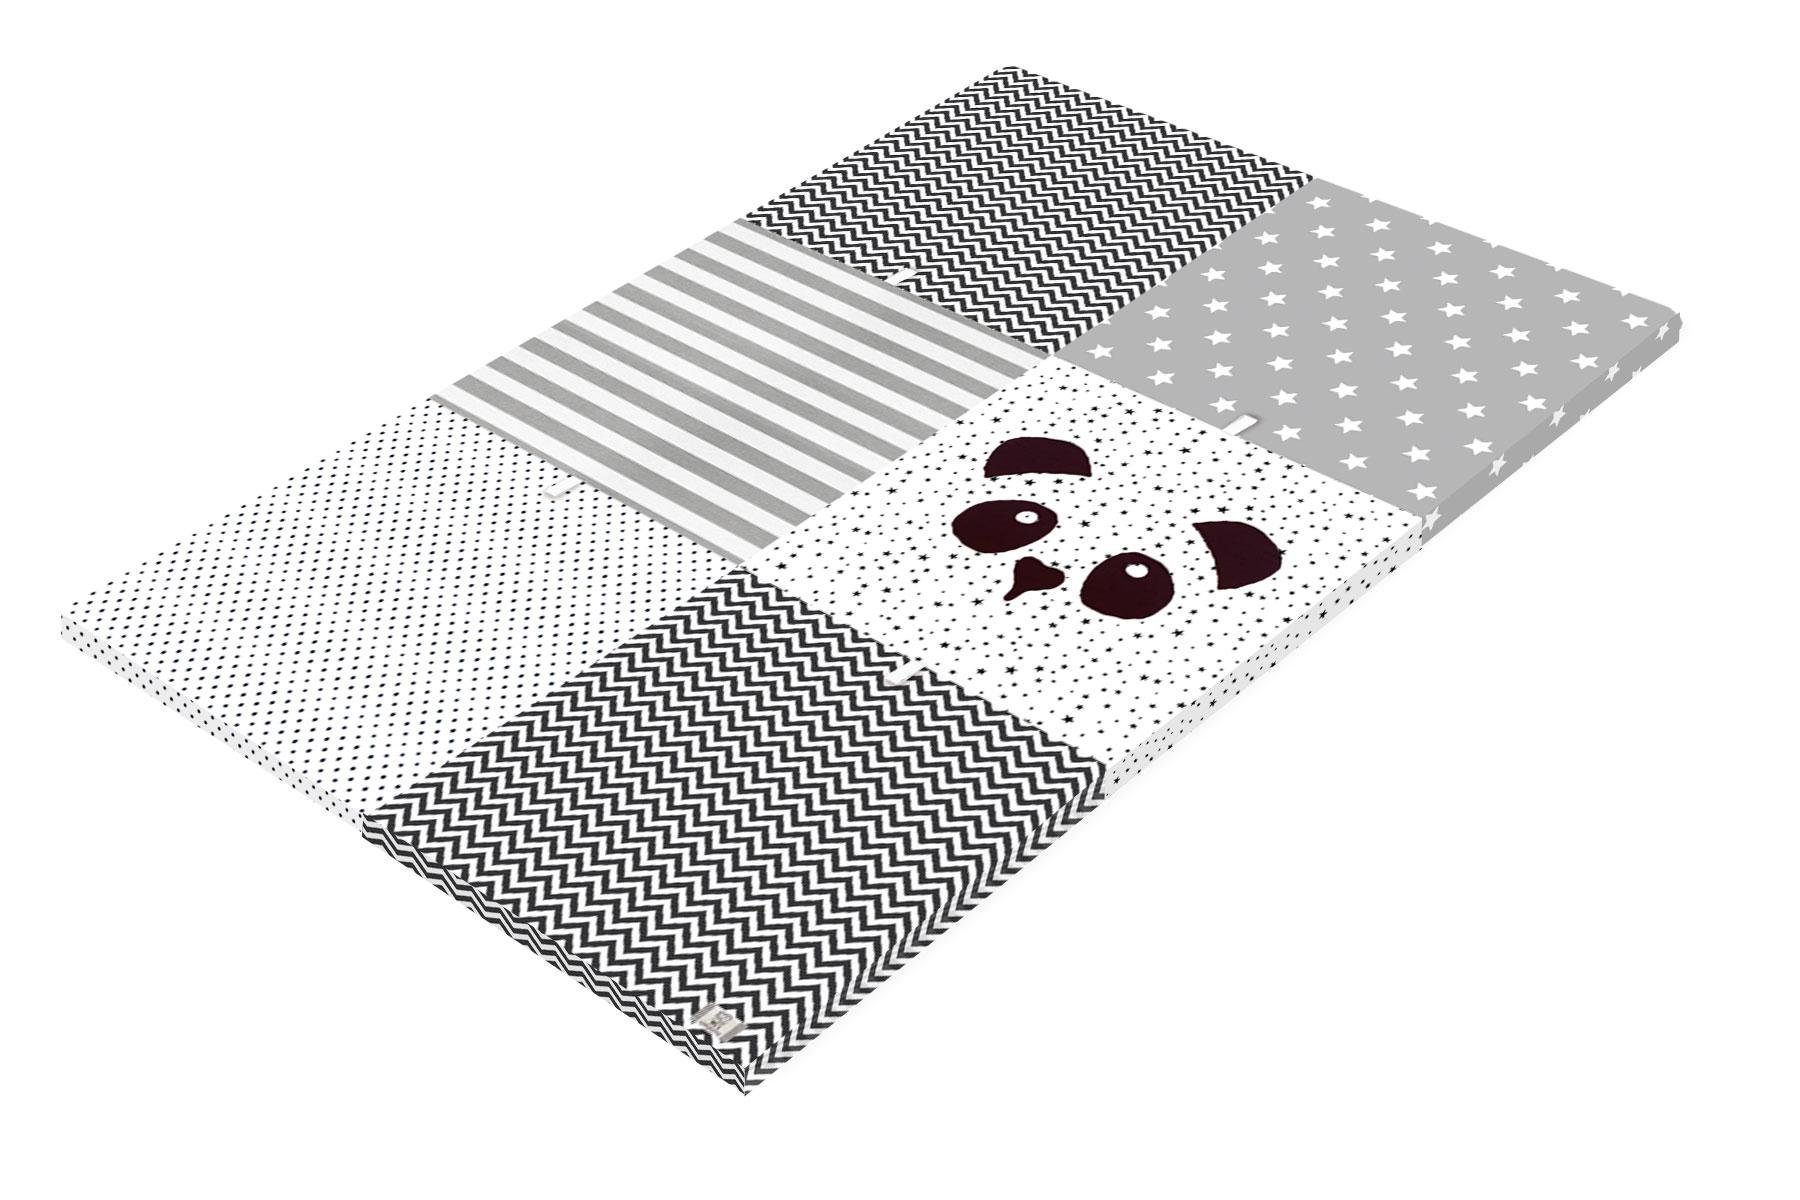 משטח פעילות לתינוק- דגם פנדה לבן שחור  - קטן